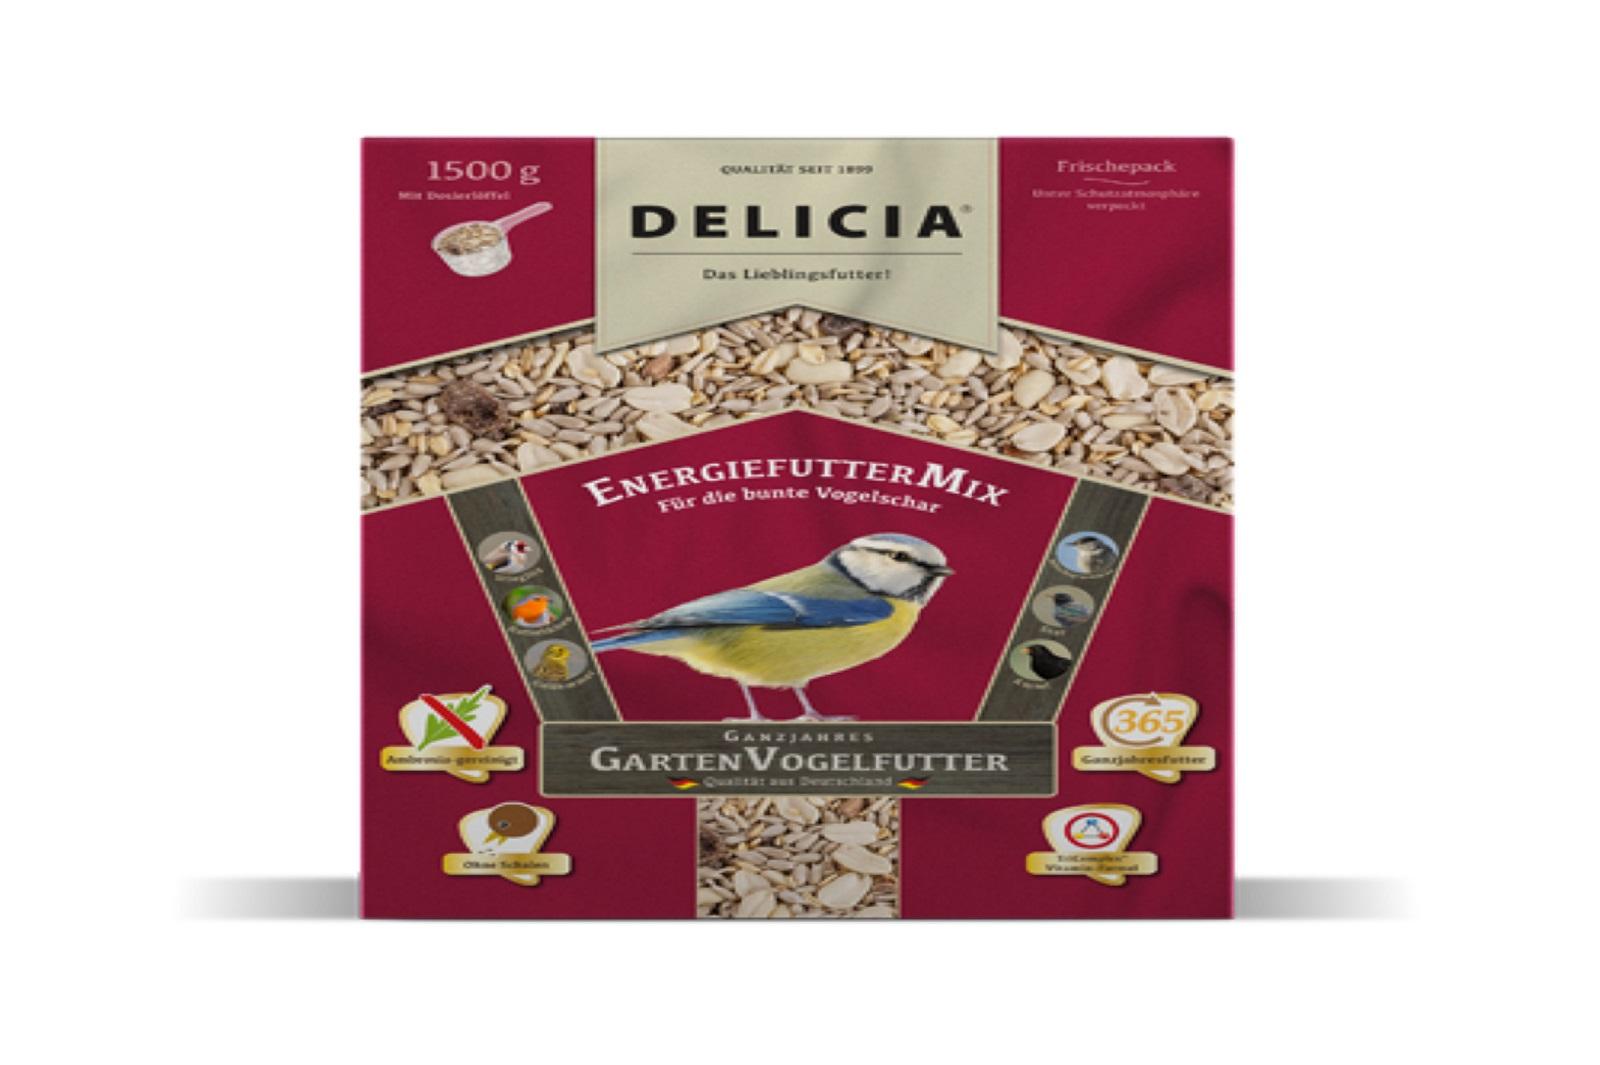 Delicia 1,5 kg Vogelfutter EnergiefutterMix Gartenvögel  Ganzjahresfutter